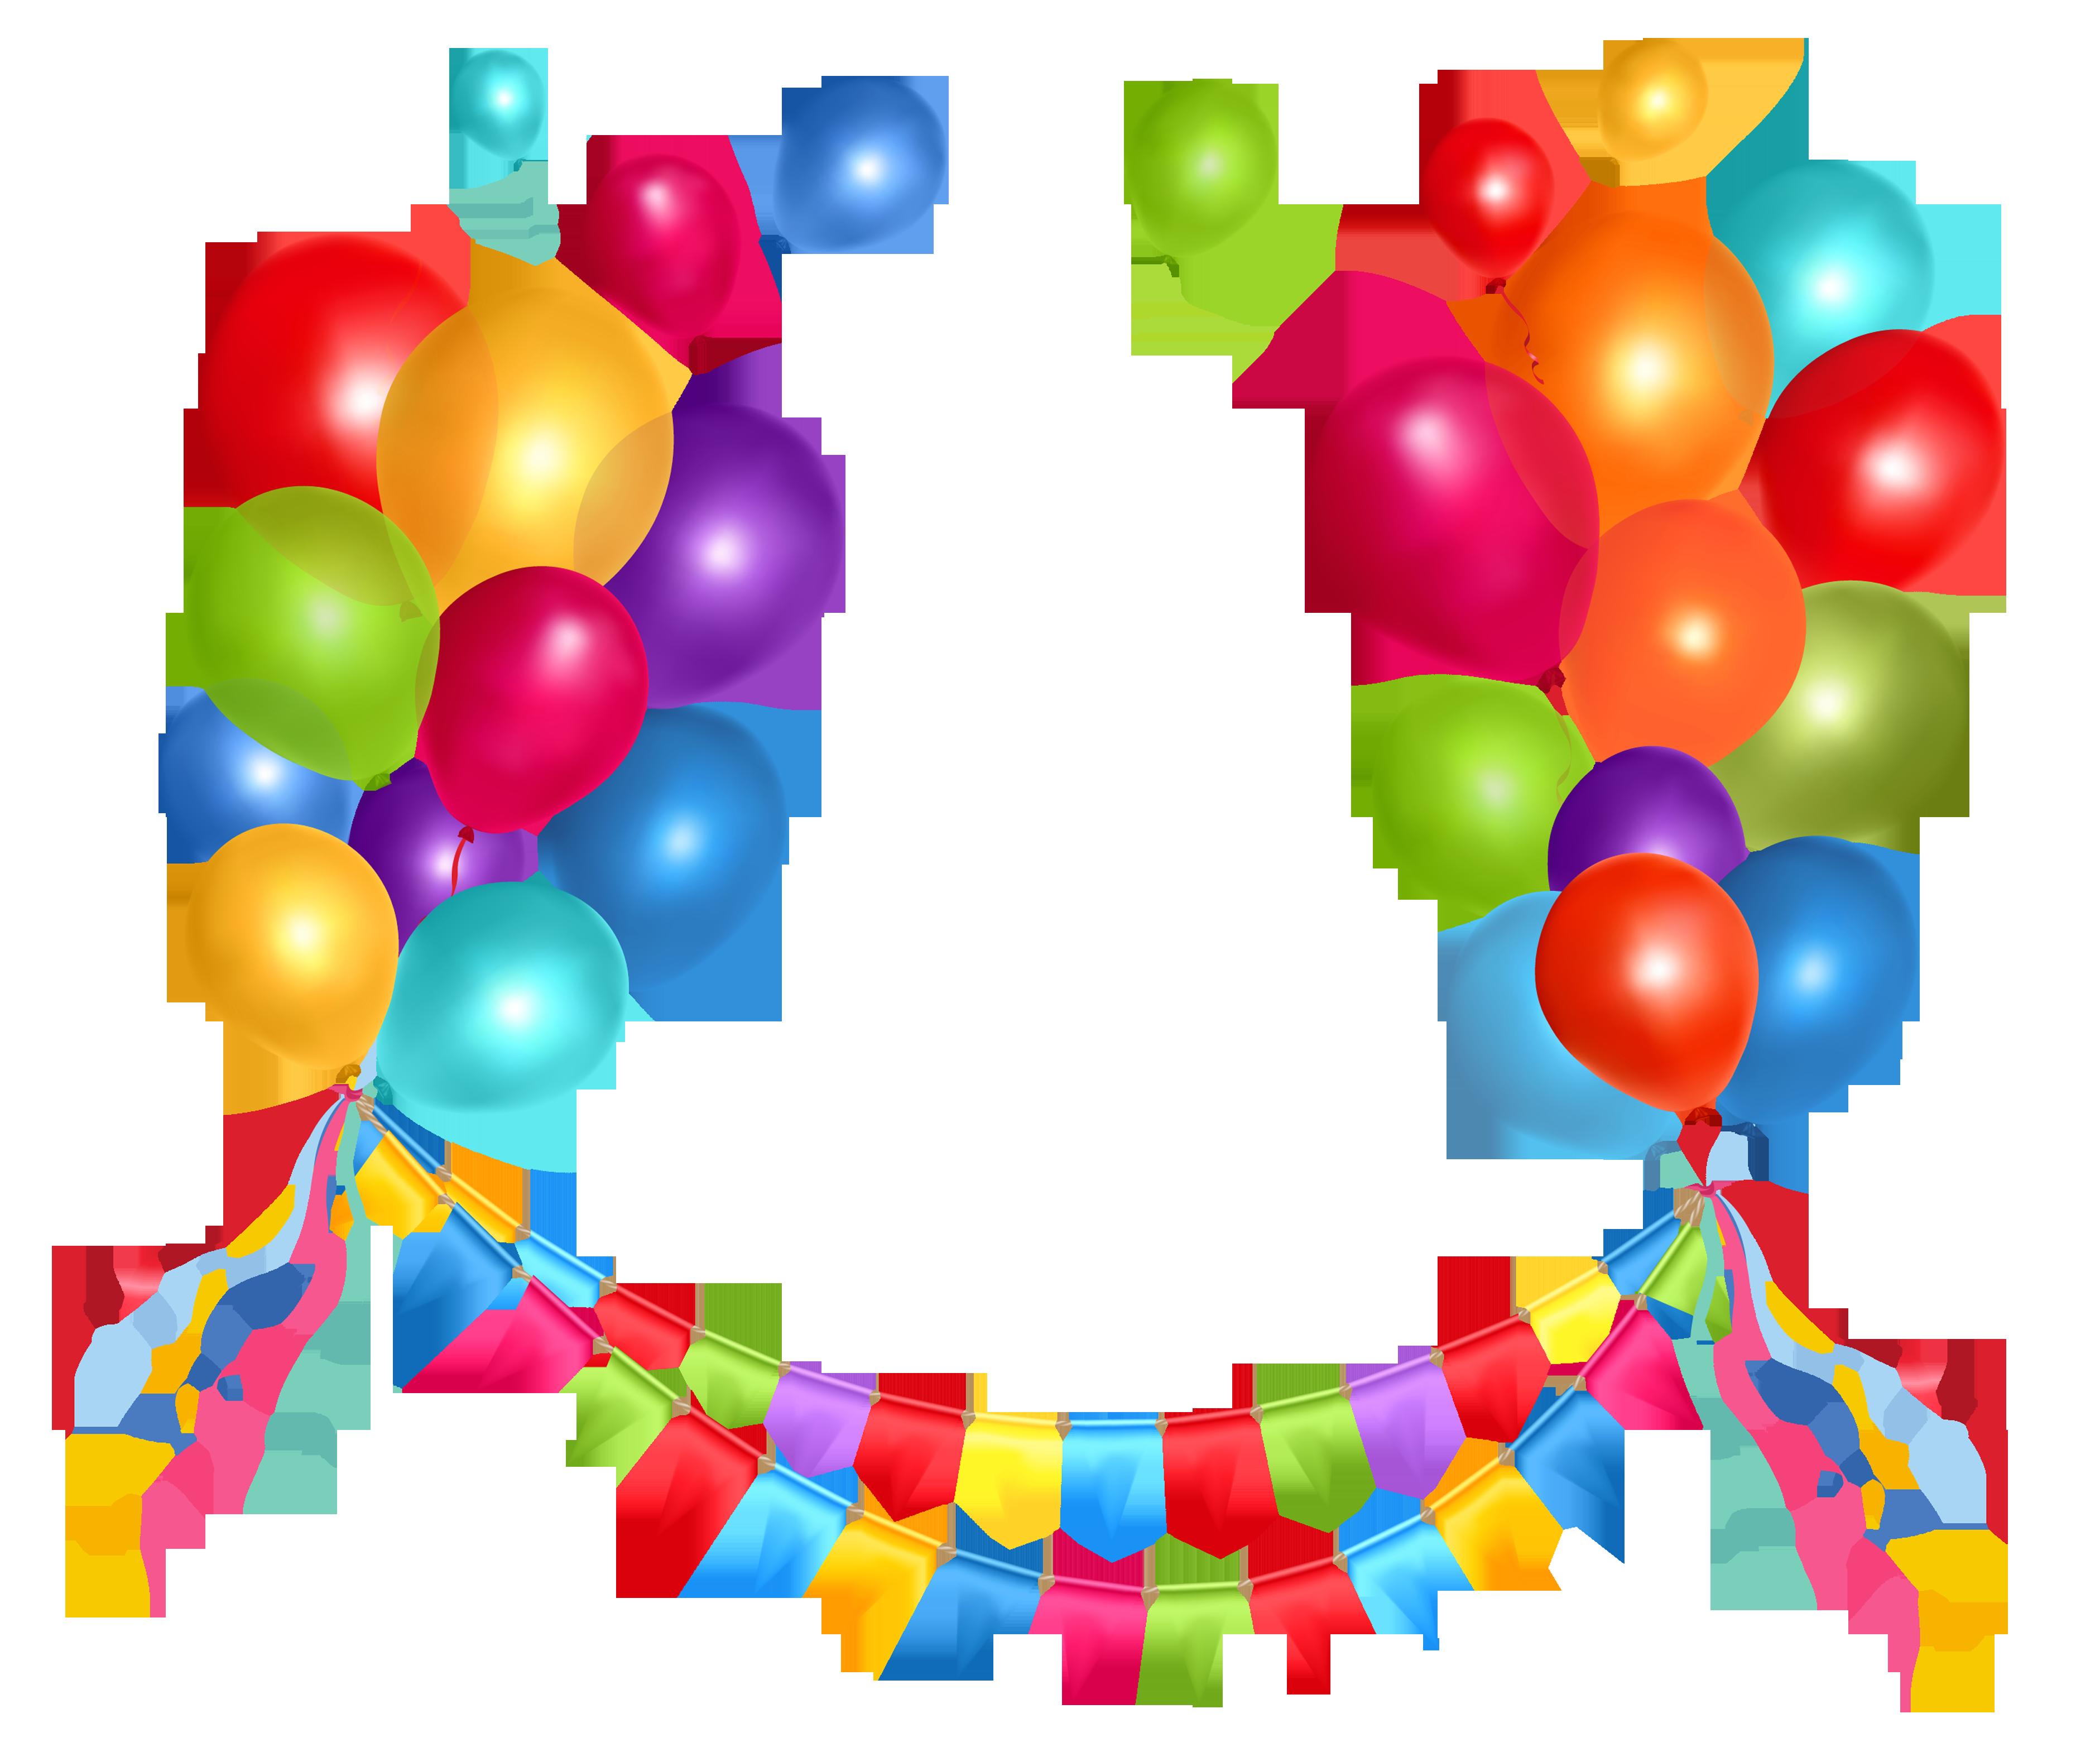 Cliparts zum geburtstag kostenlos graphic transparent download Transparent Party Streamer and Balloons PNG Clipart Picture ... graphic transparent download